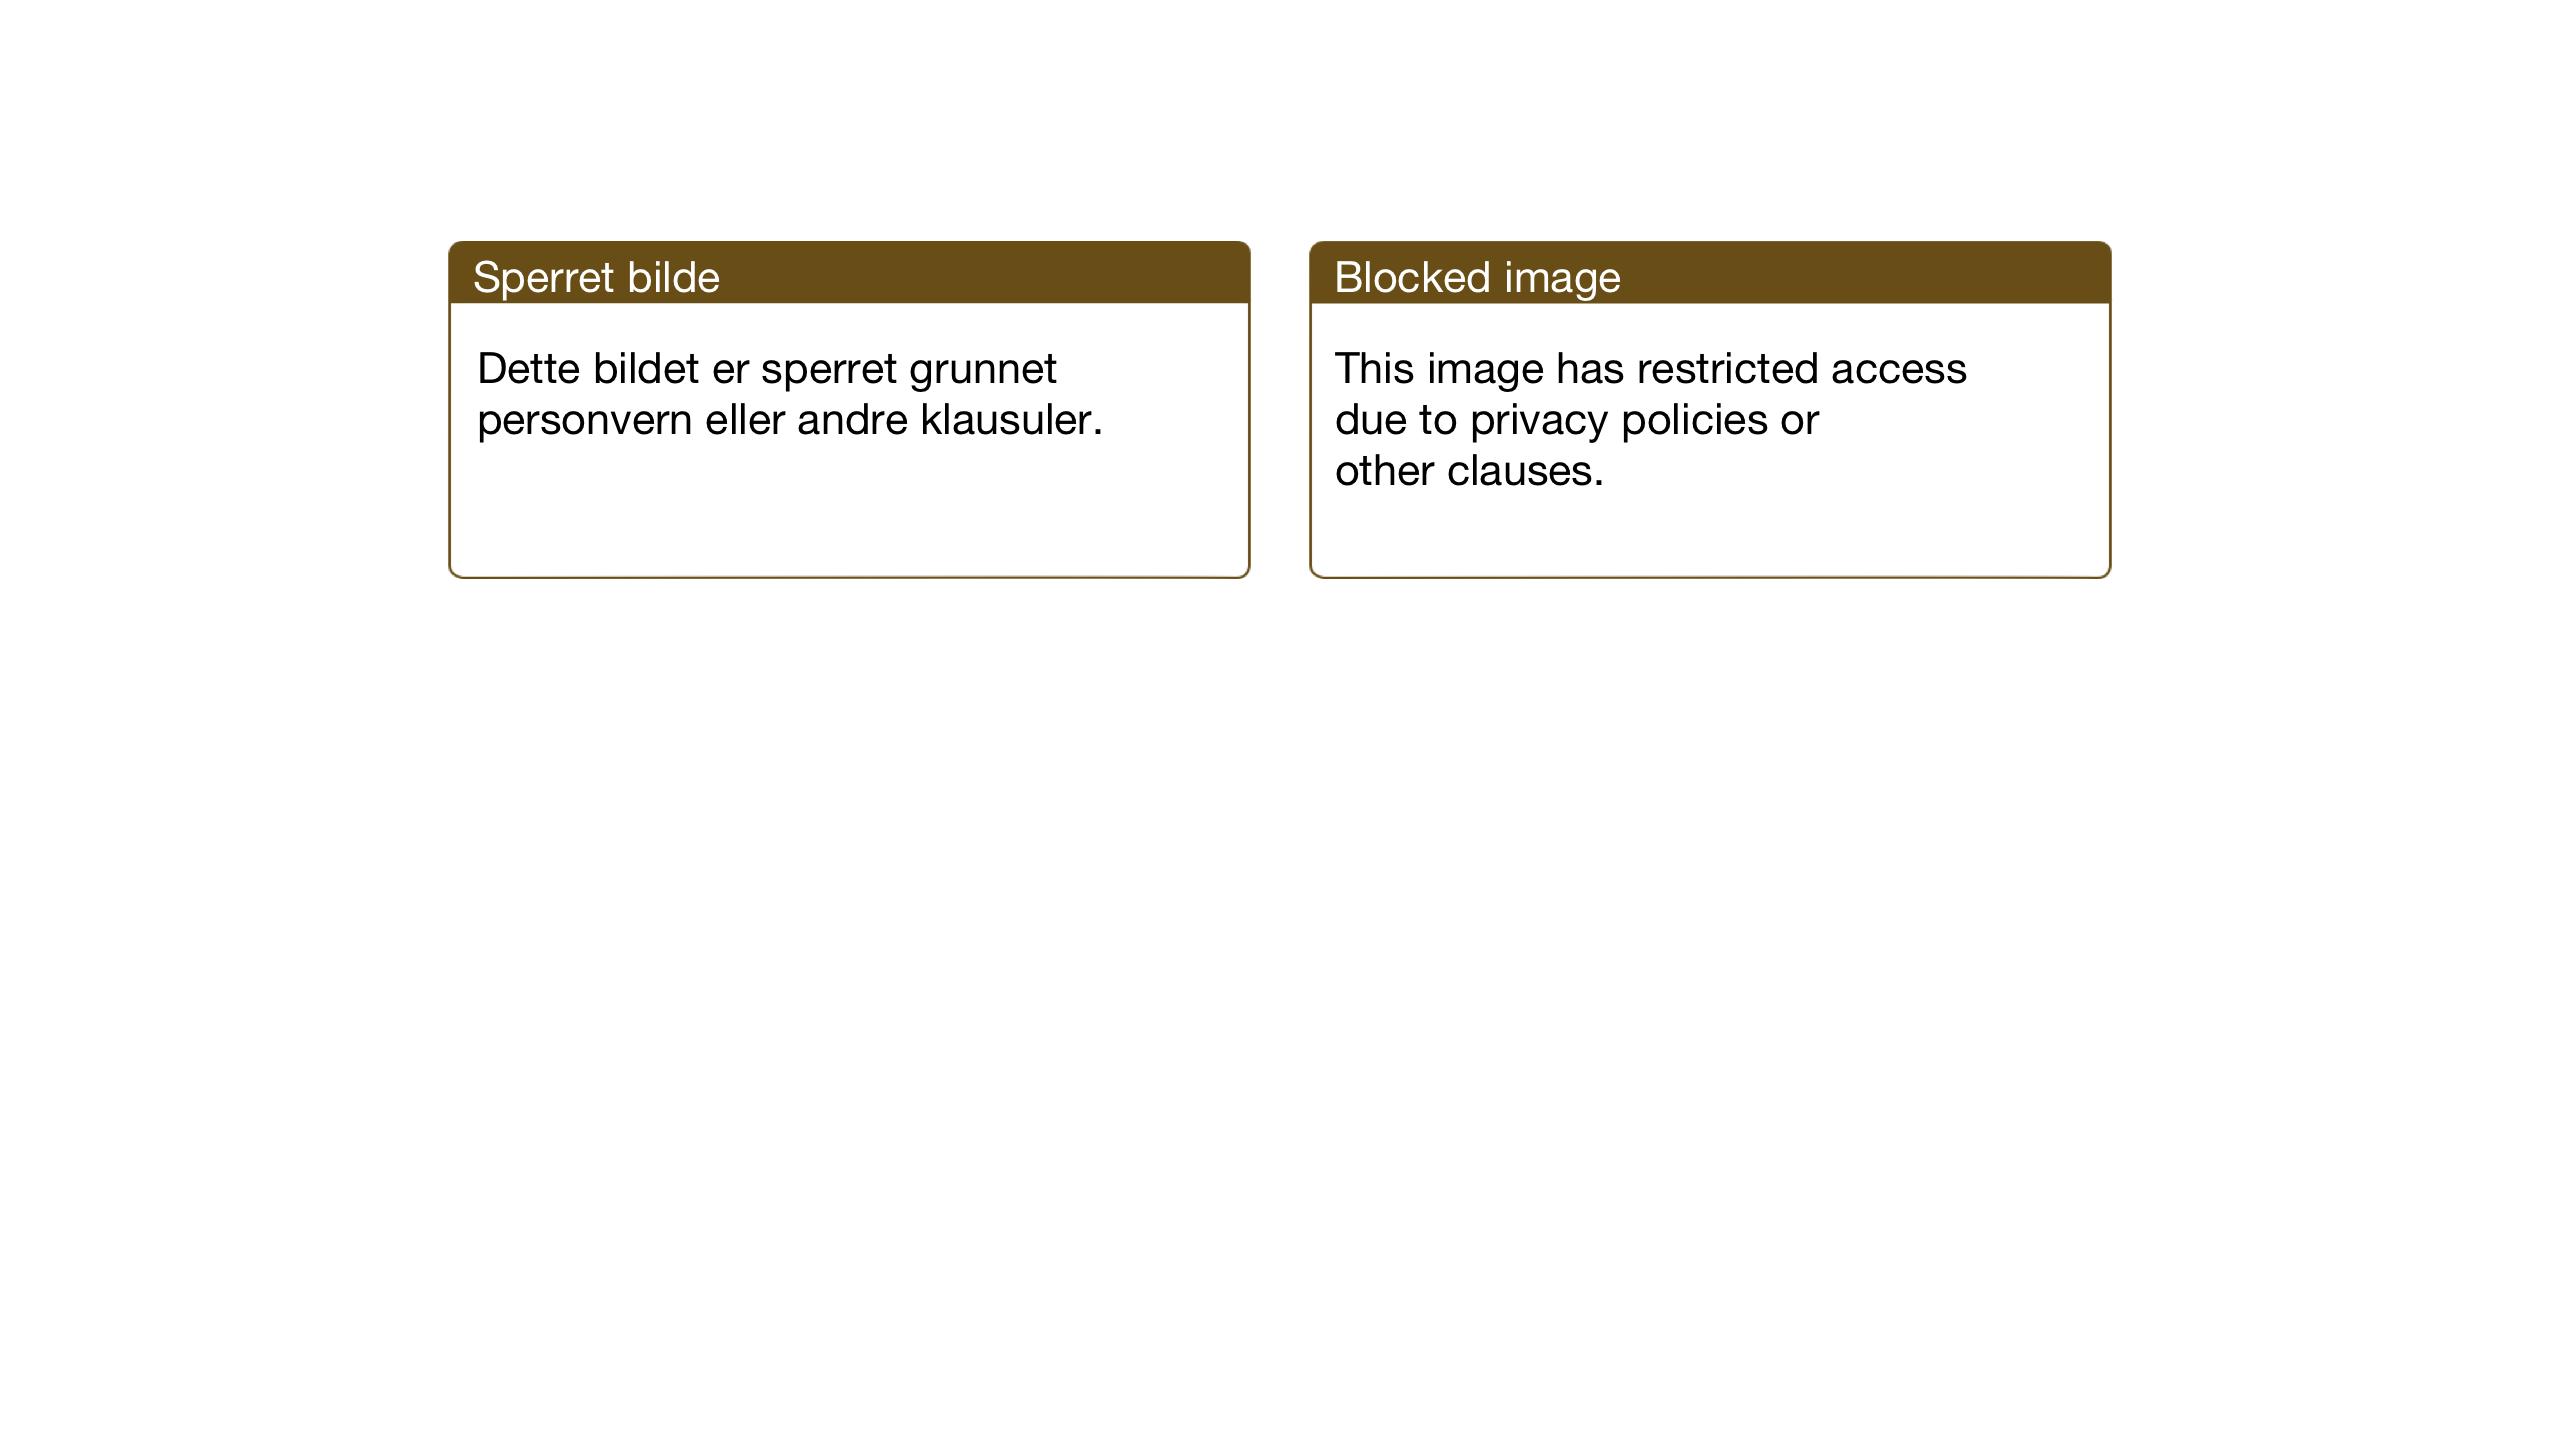 SAT, Ministerialprotokoller, klokkerbøker og fødselsregistre - Sør-Trøndelag, 681/L0944: Klokkerbok nr. 681C08, 1926-1954, s. 33